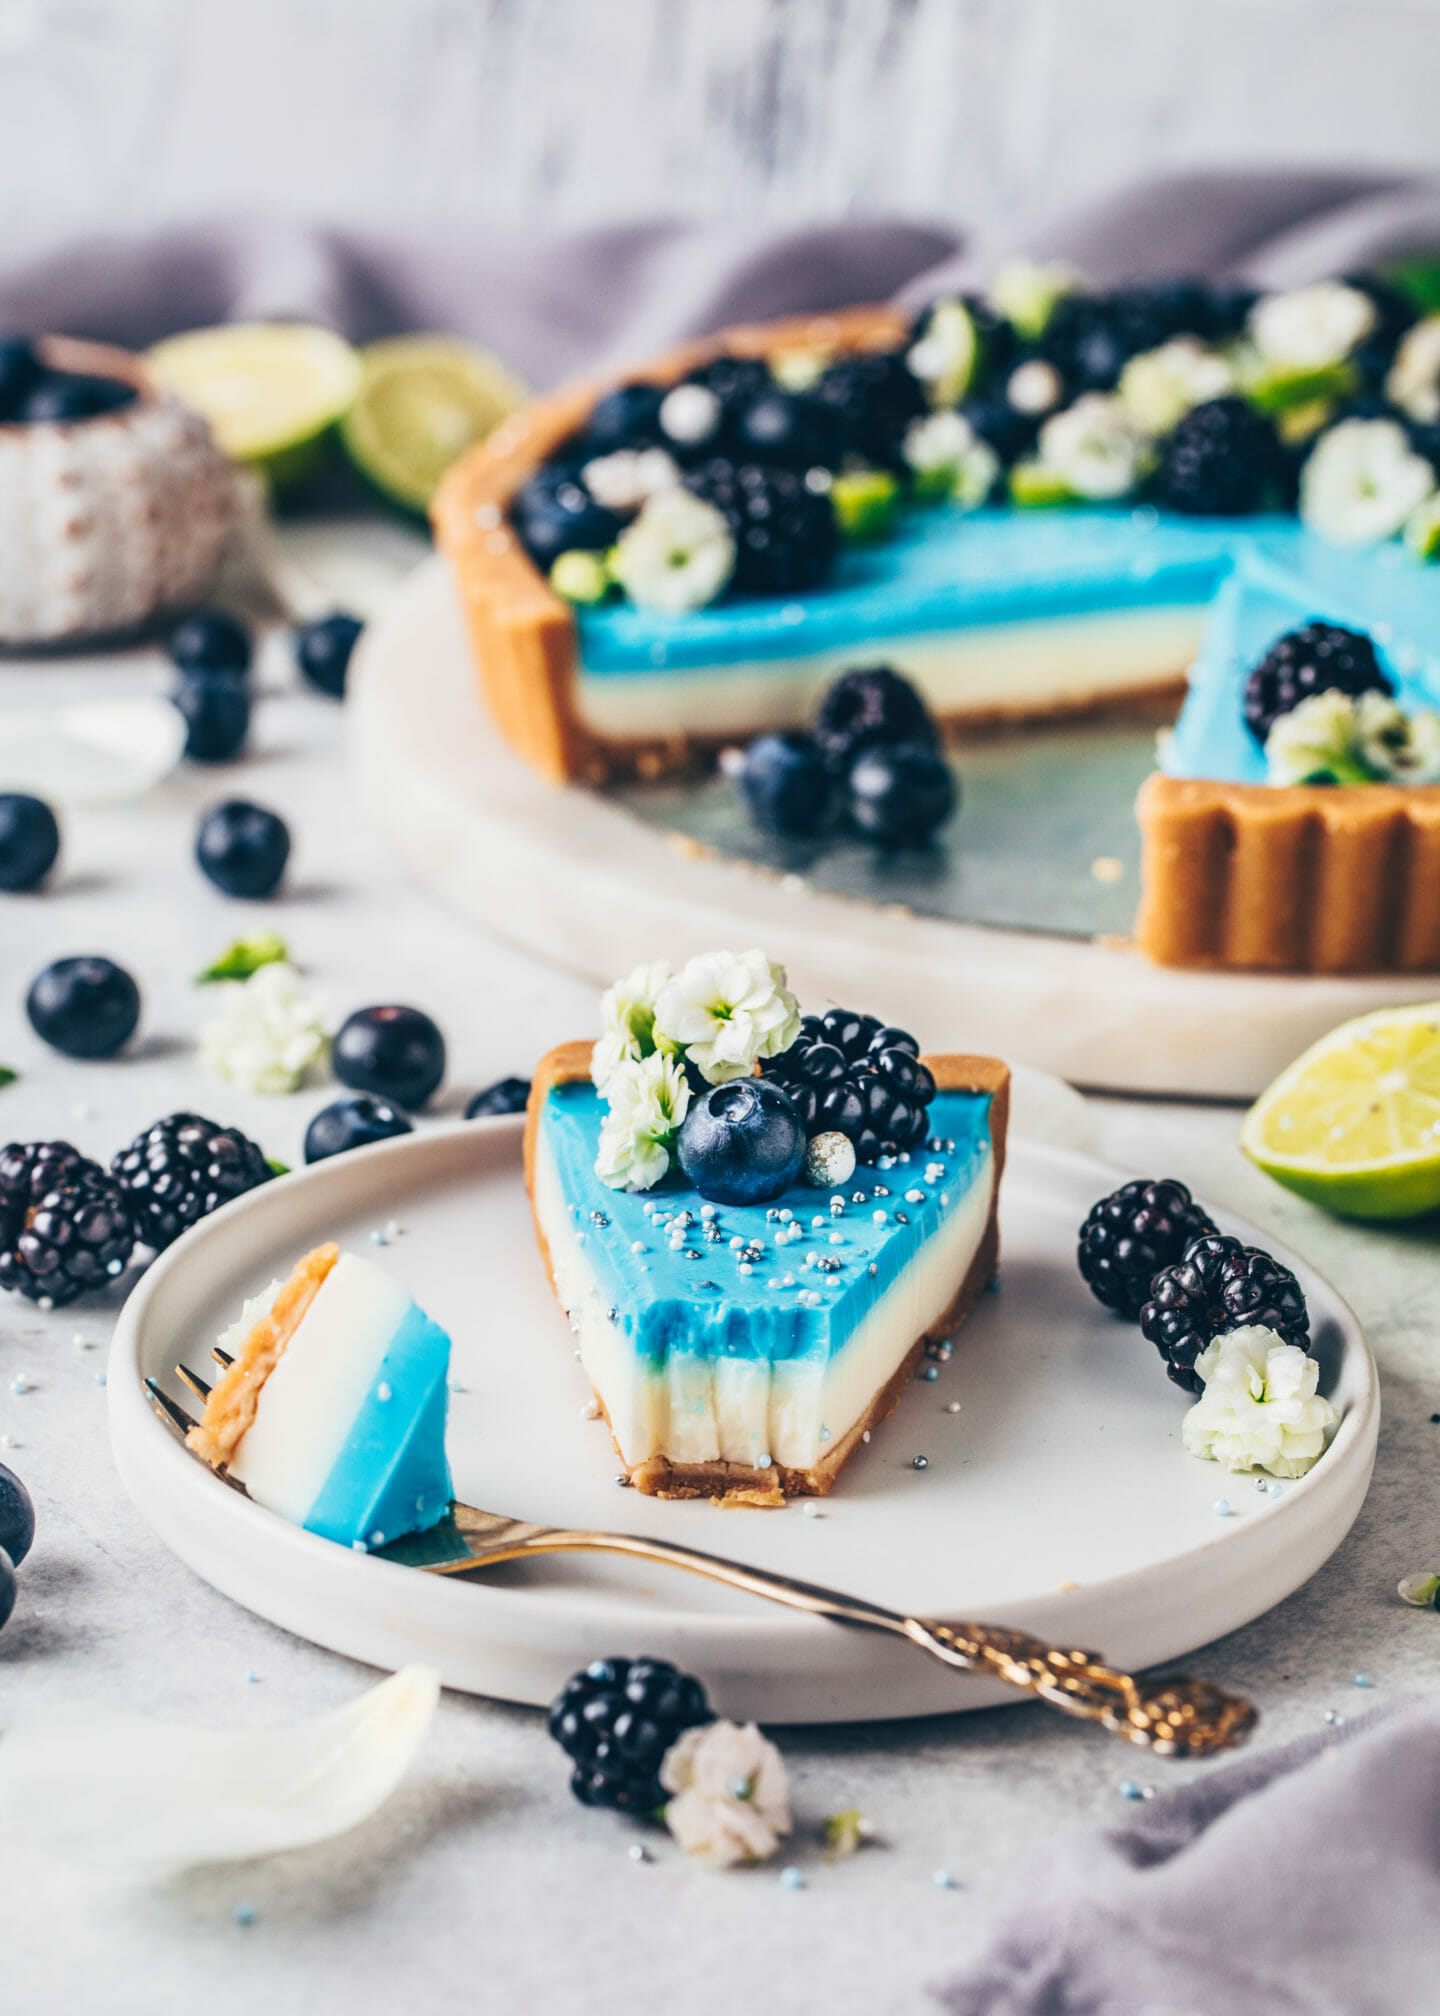 Limetten-Tarte mit Blaubeeren und Brombeeren